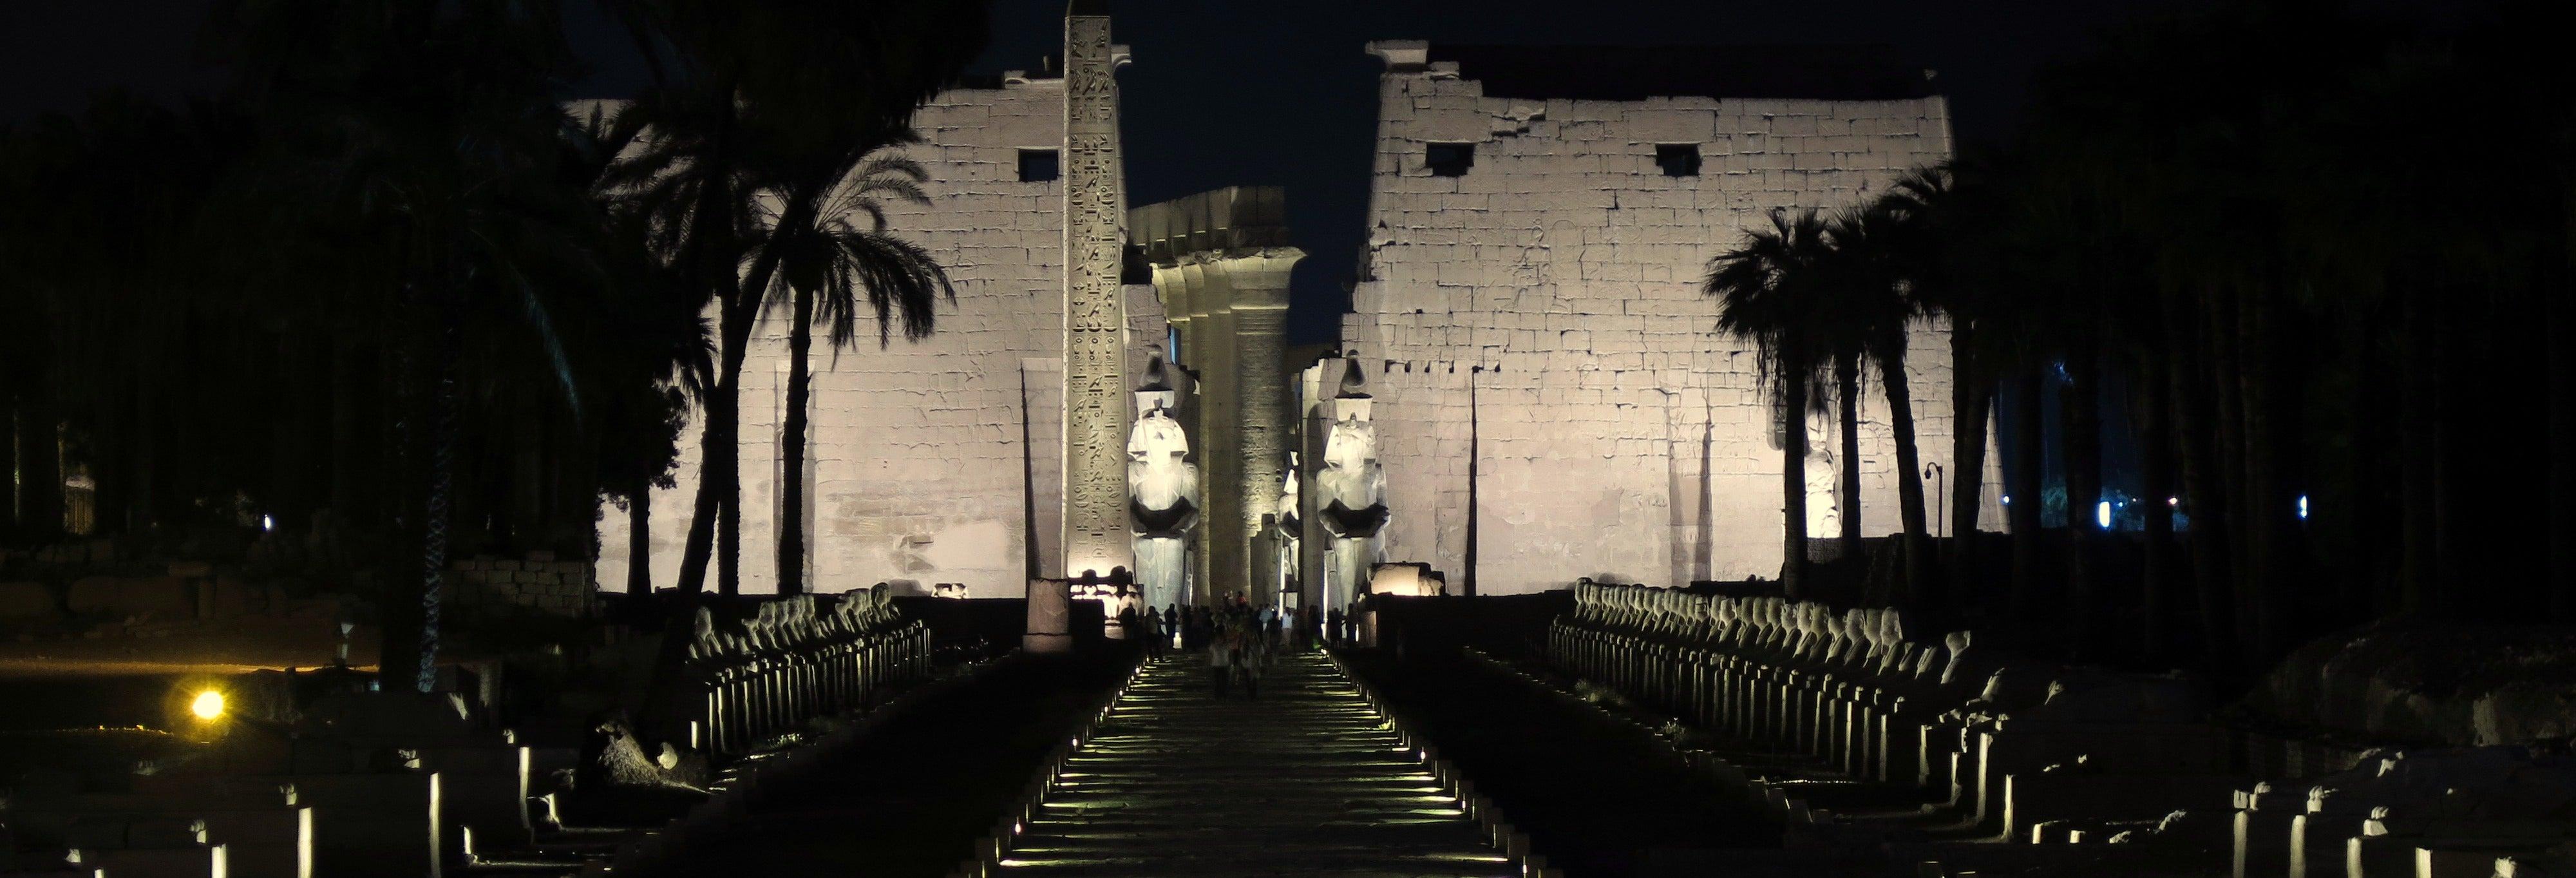 Spettacolo di luci e suoni al Tempio di Karnak